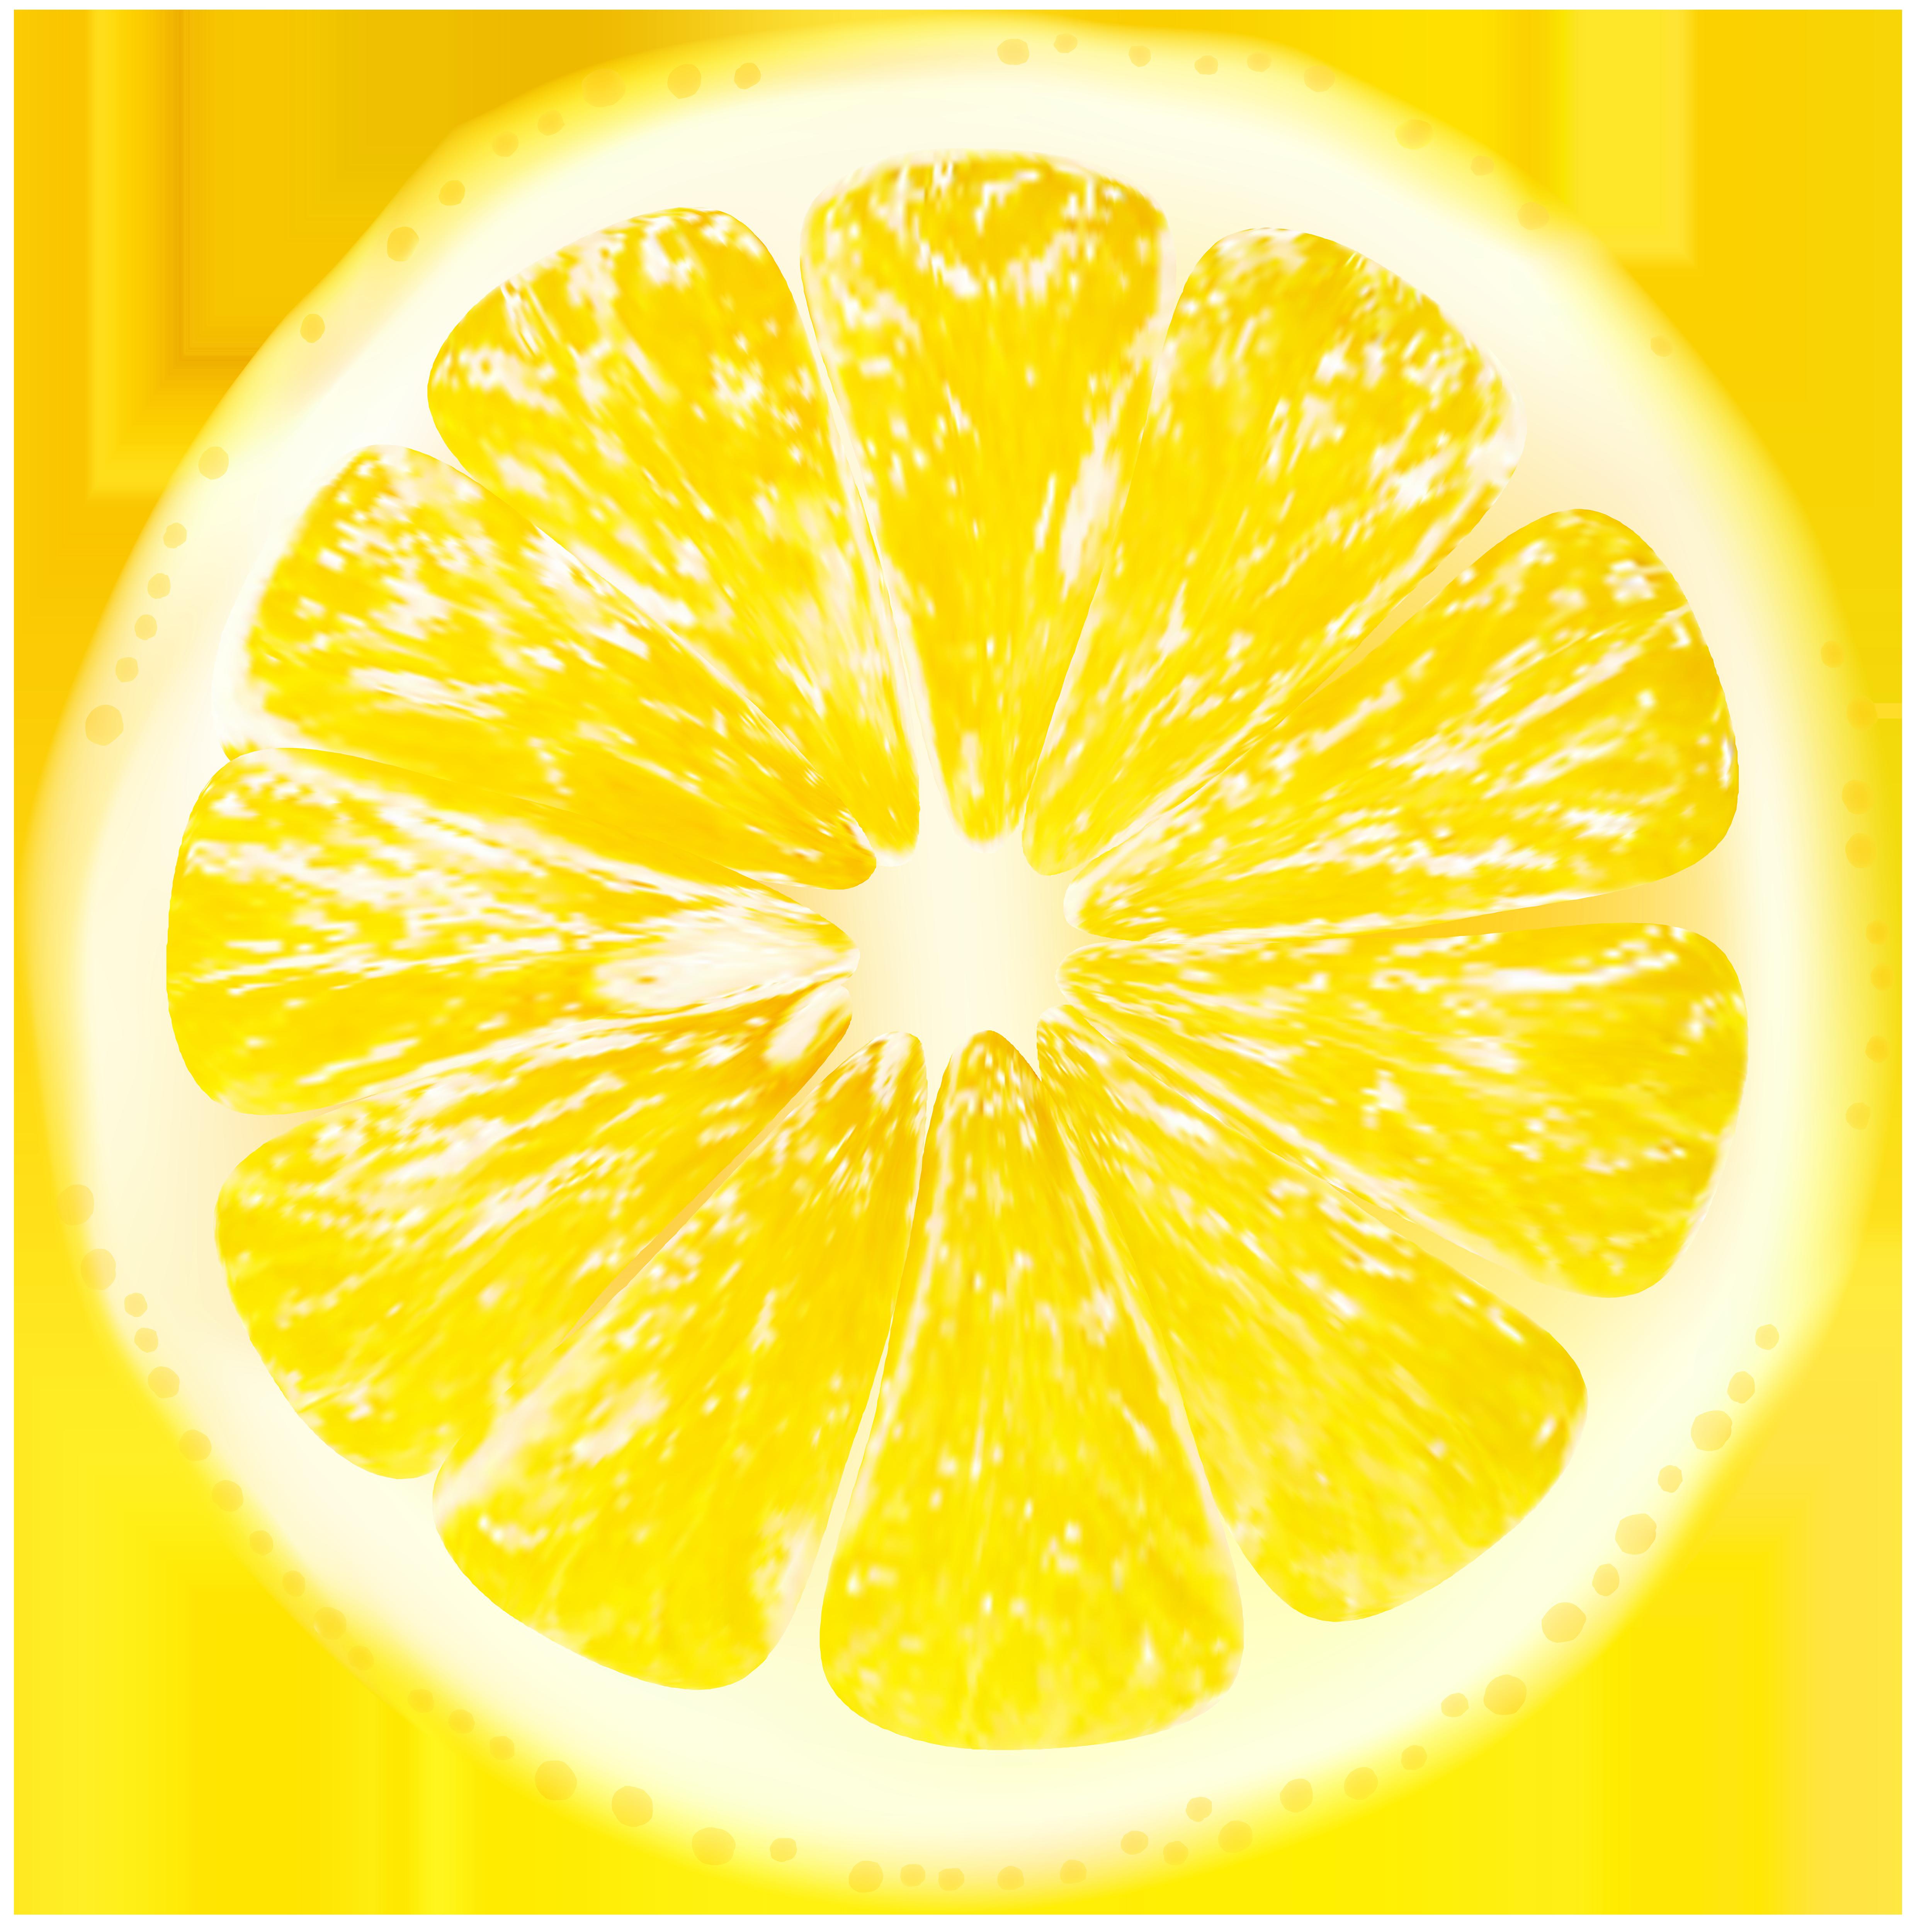 Lemon slices png clip. Lemons clipart transparent background